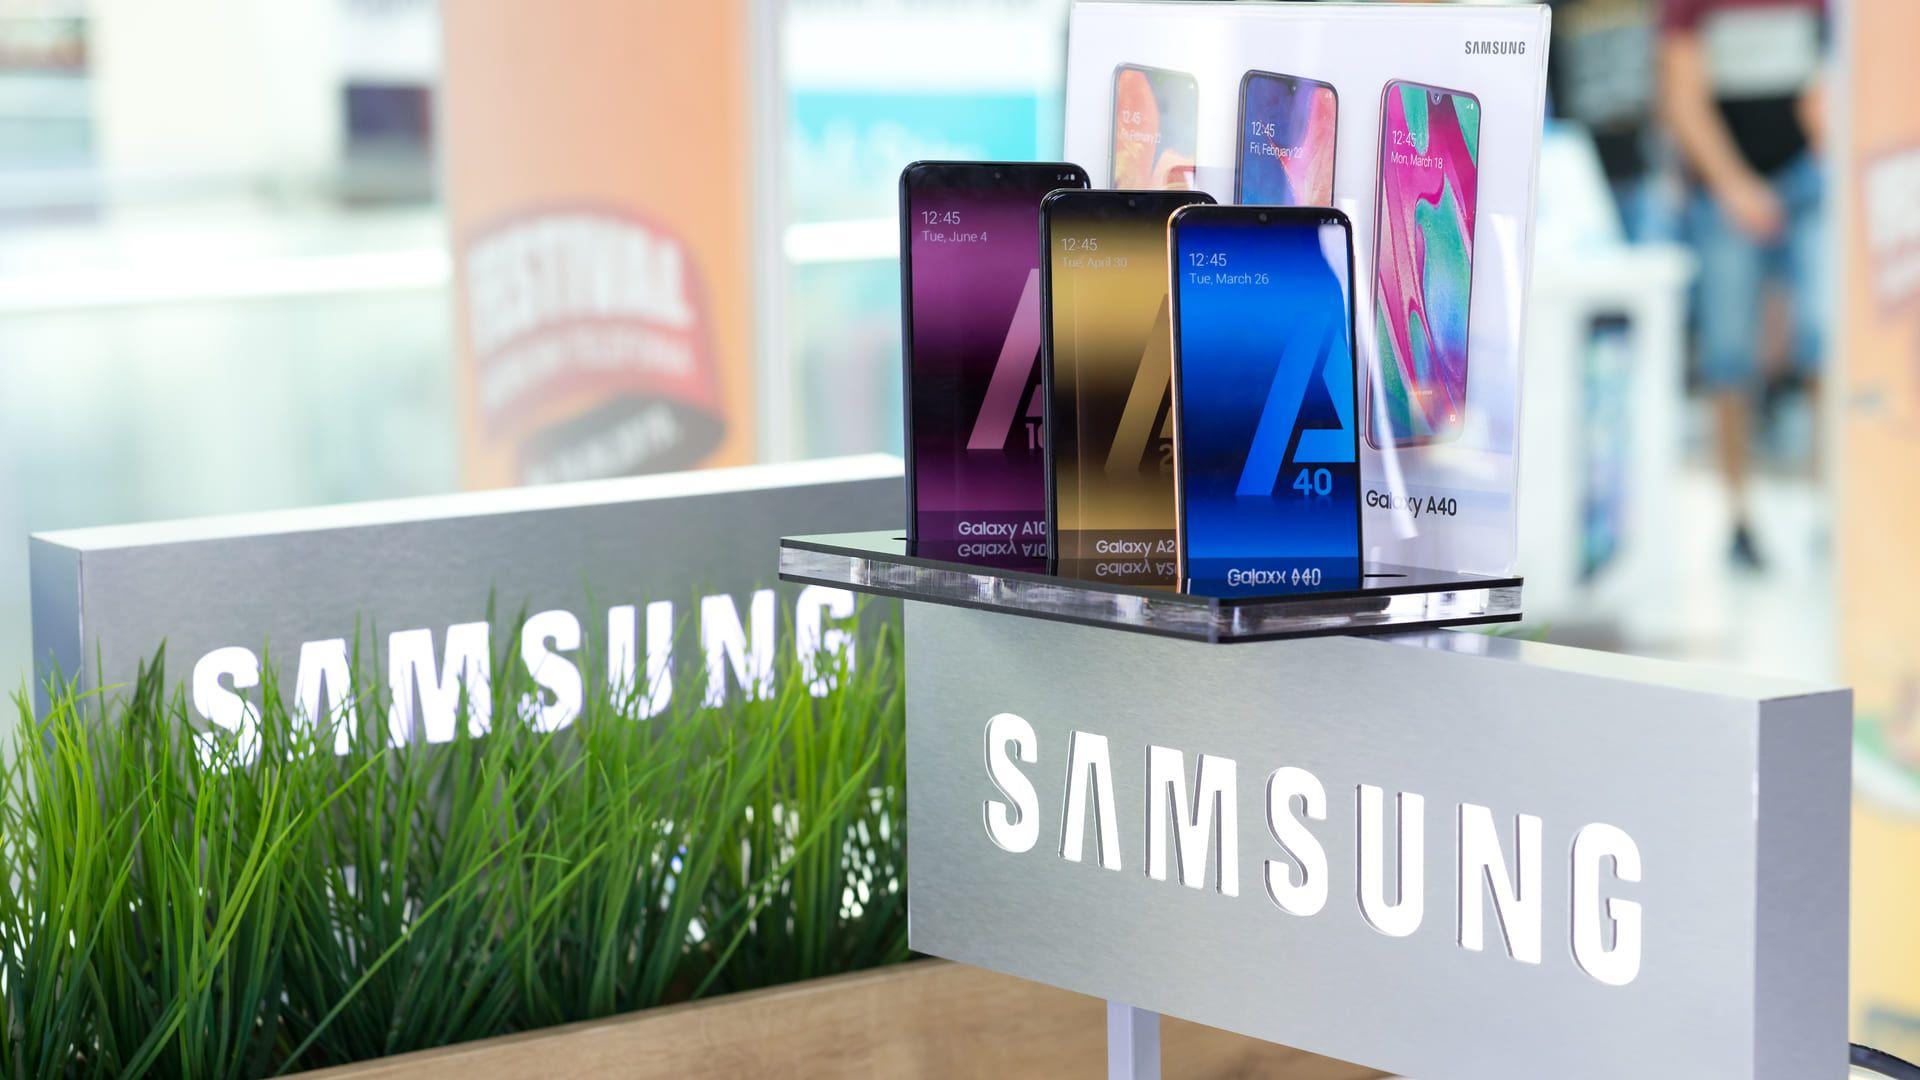 Três celulares samsung dispostos em prateleira acima do símbolo da marca